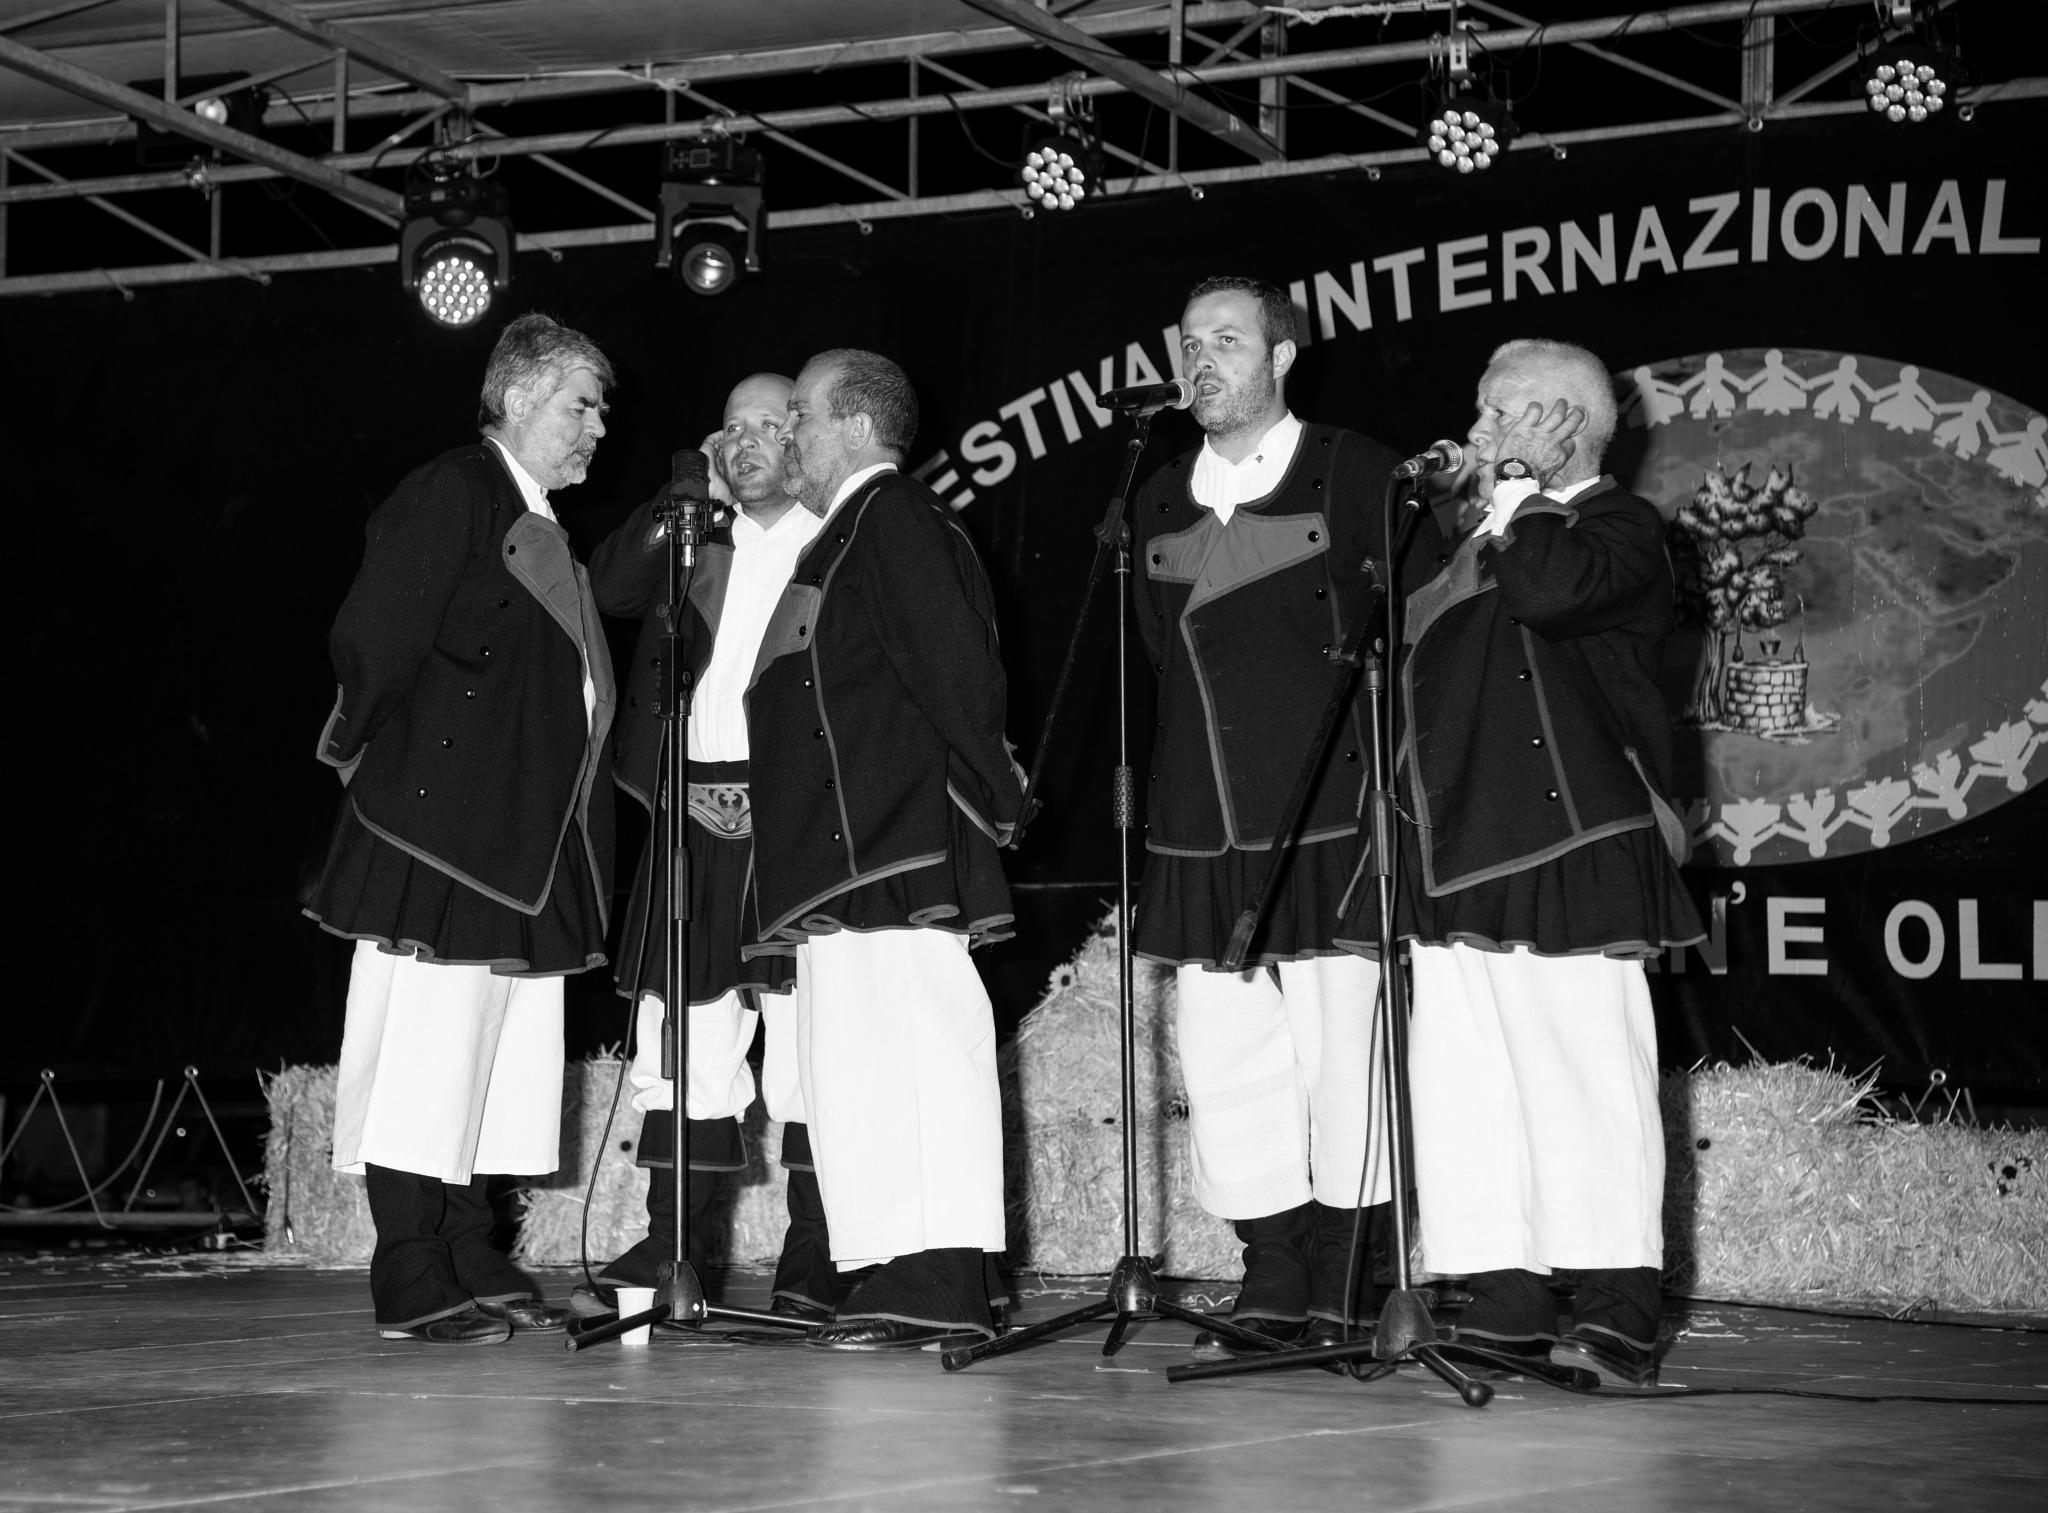 Tenores di Neoneli (Sardegna) by corvonero